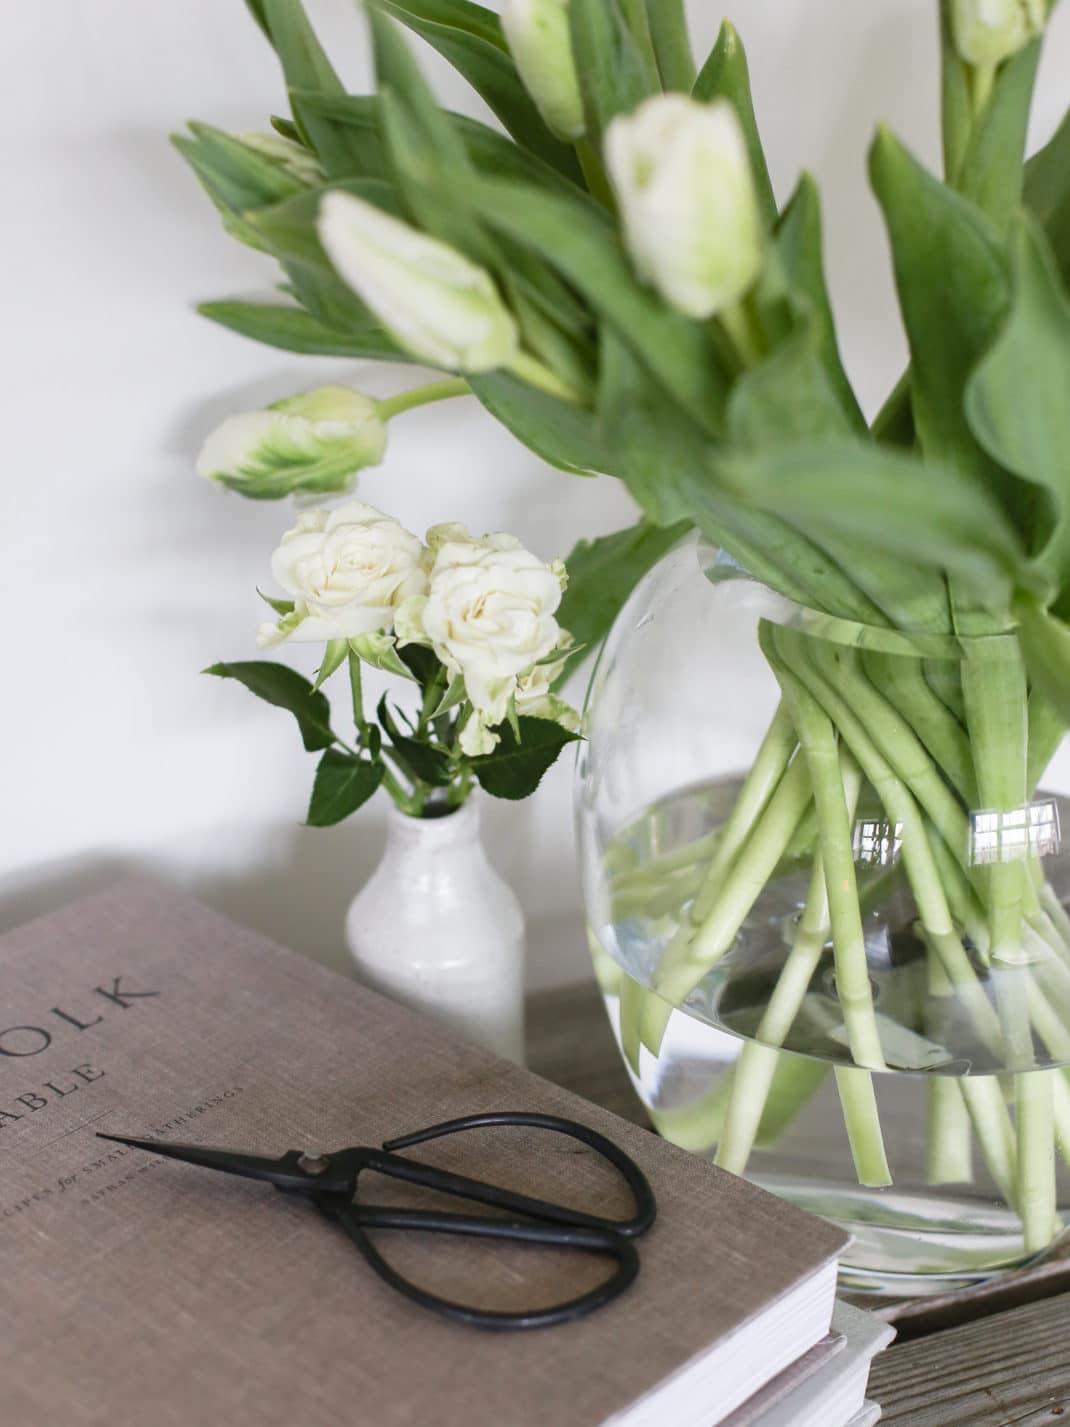 Comment choisir le bon vase design 2 - Comment choisir le bon vase design pour vos fleurs